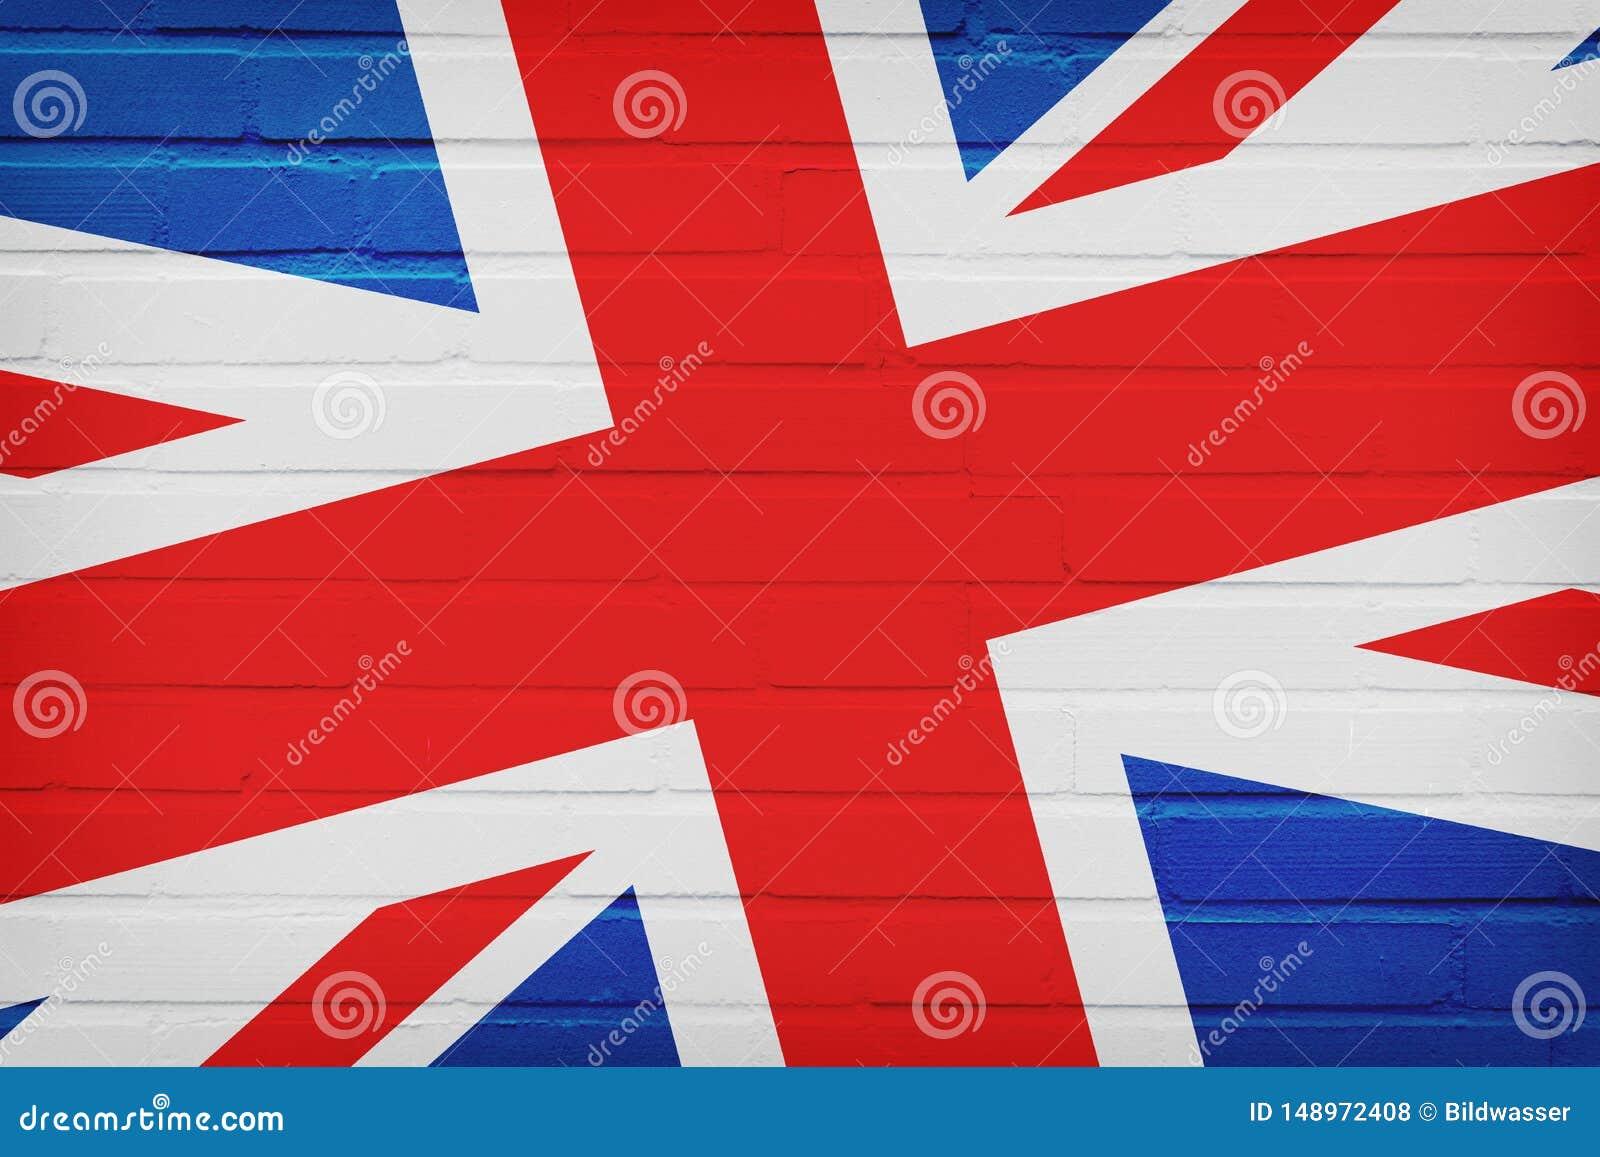 De VLAG van het Verenigd Koninkrijk OP BAKSTENEN MUUR wordt GESCHILDERD die